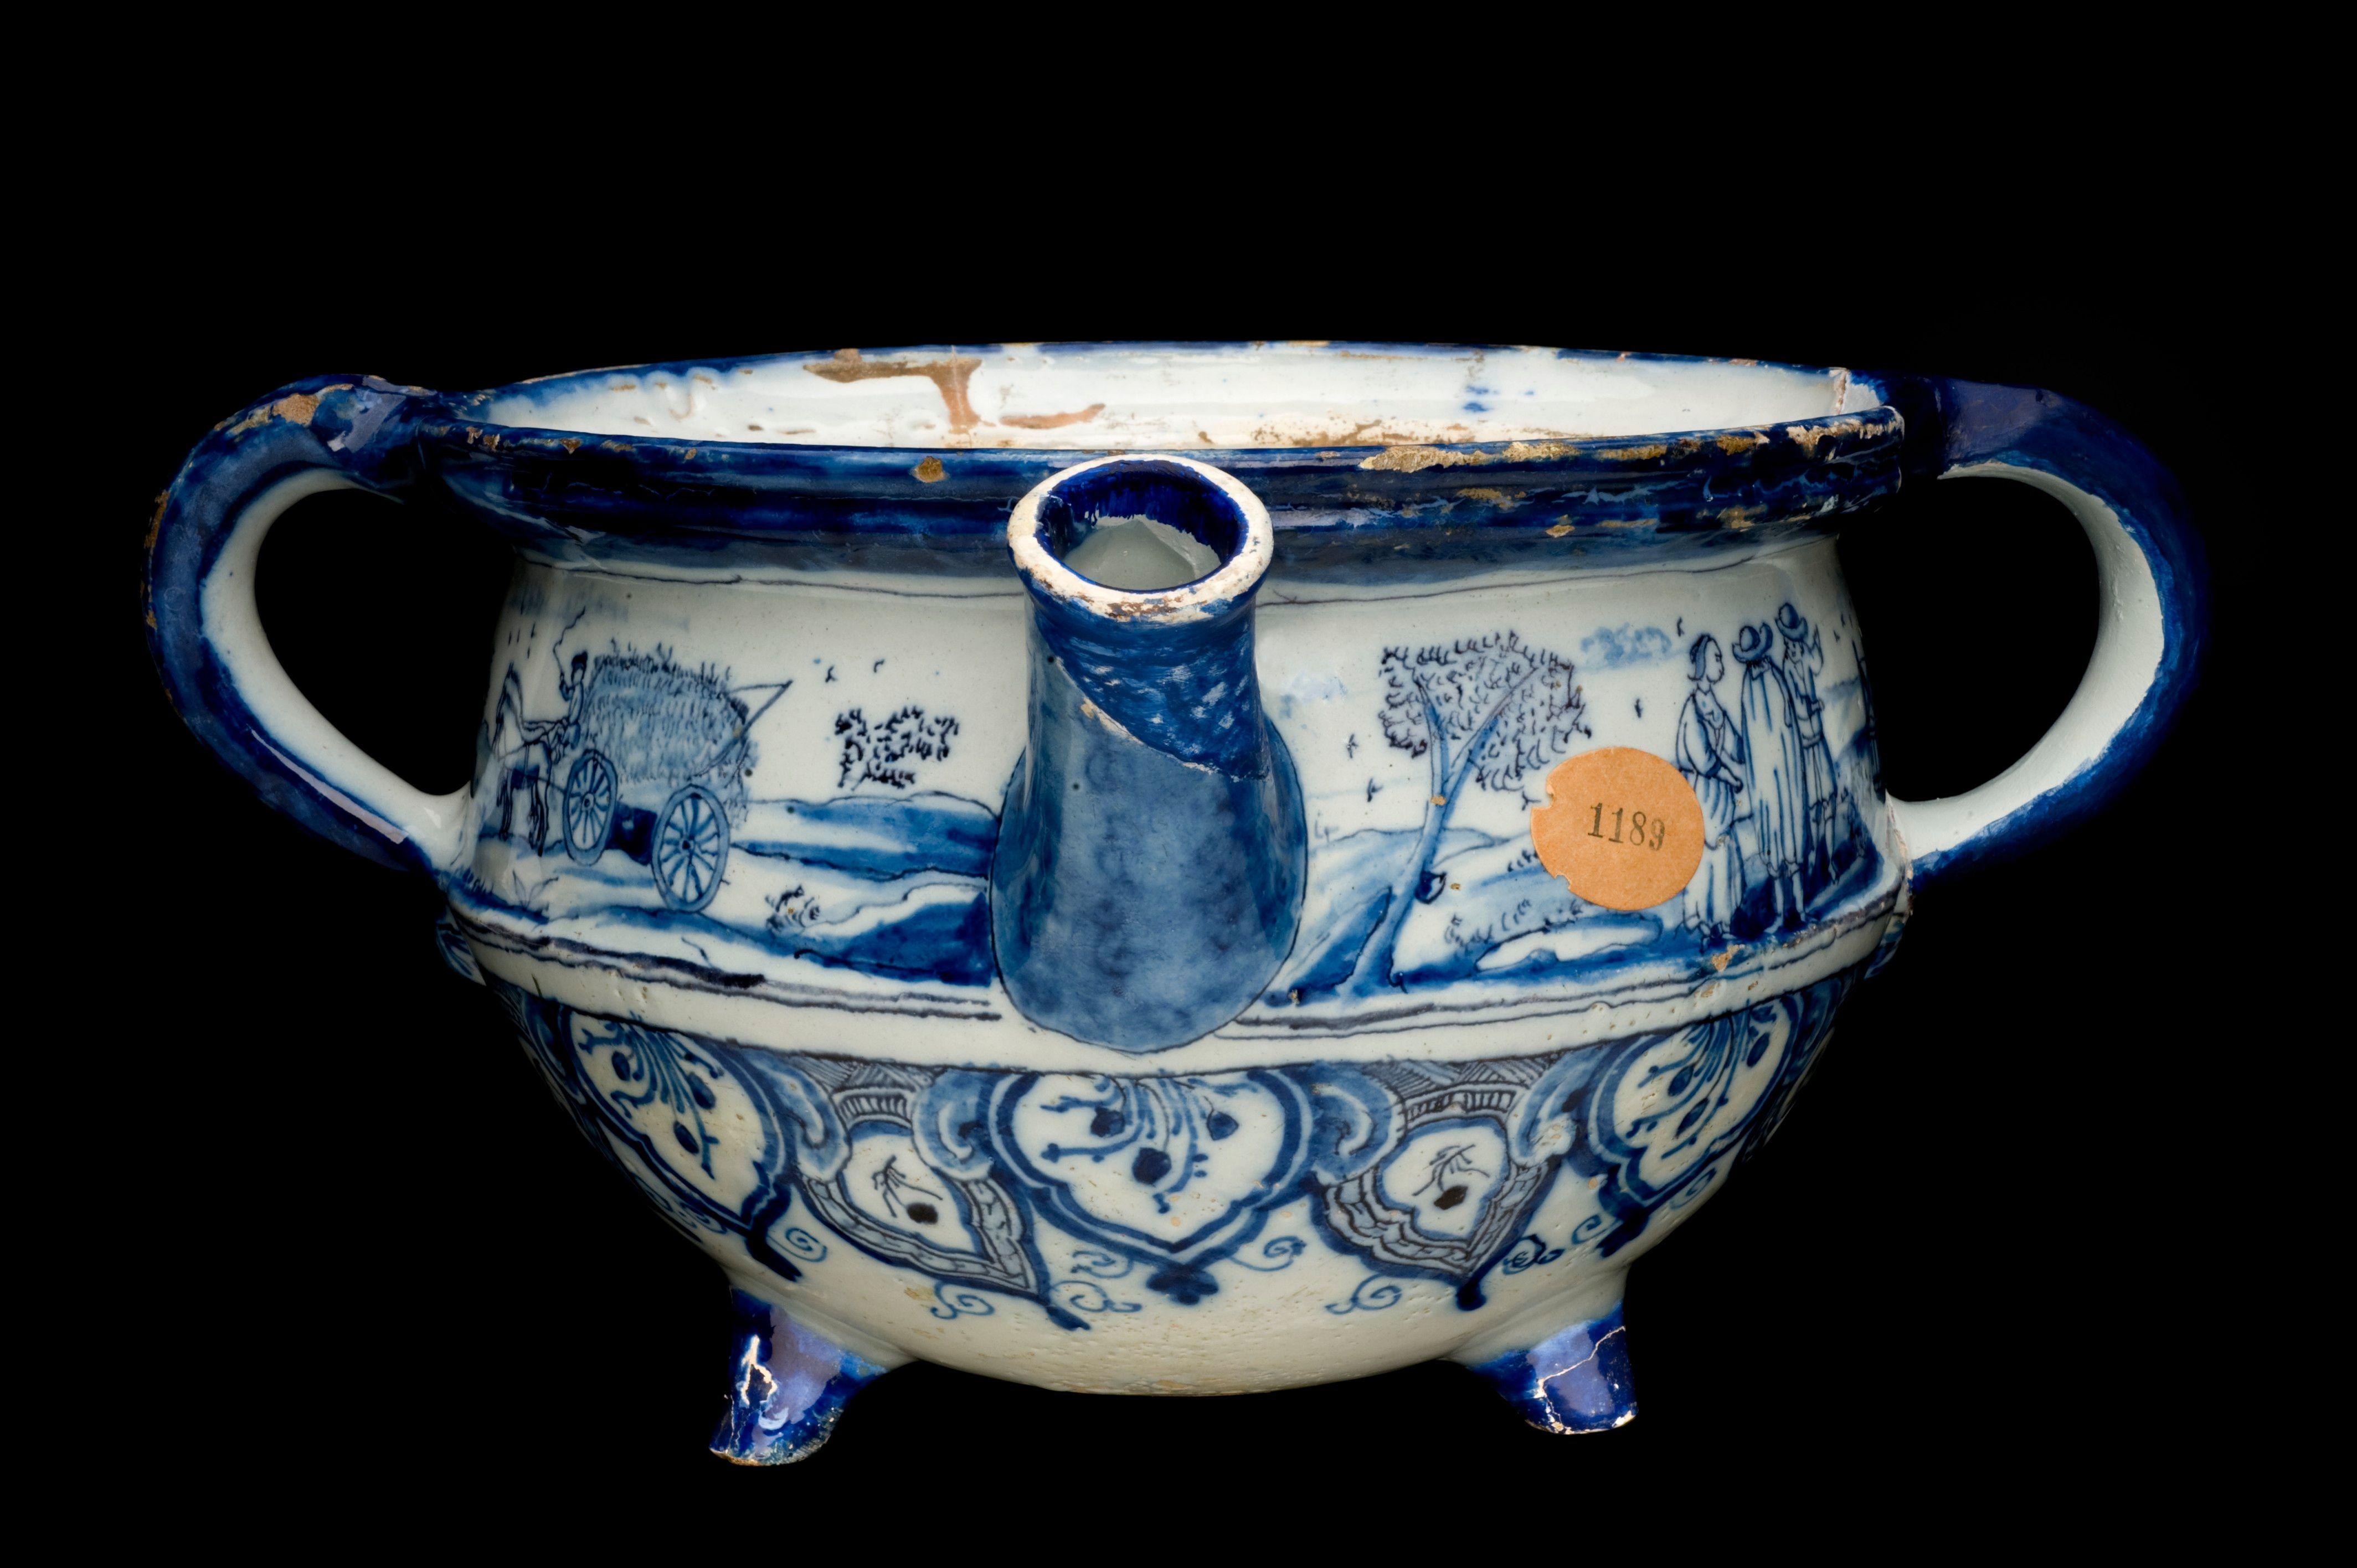 A chamber pot